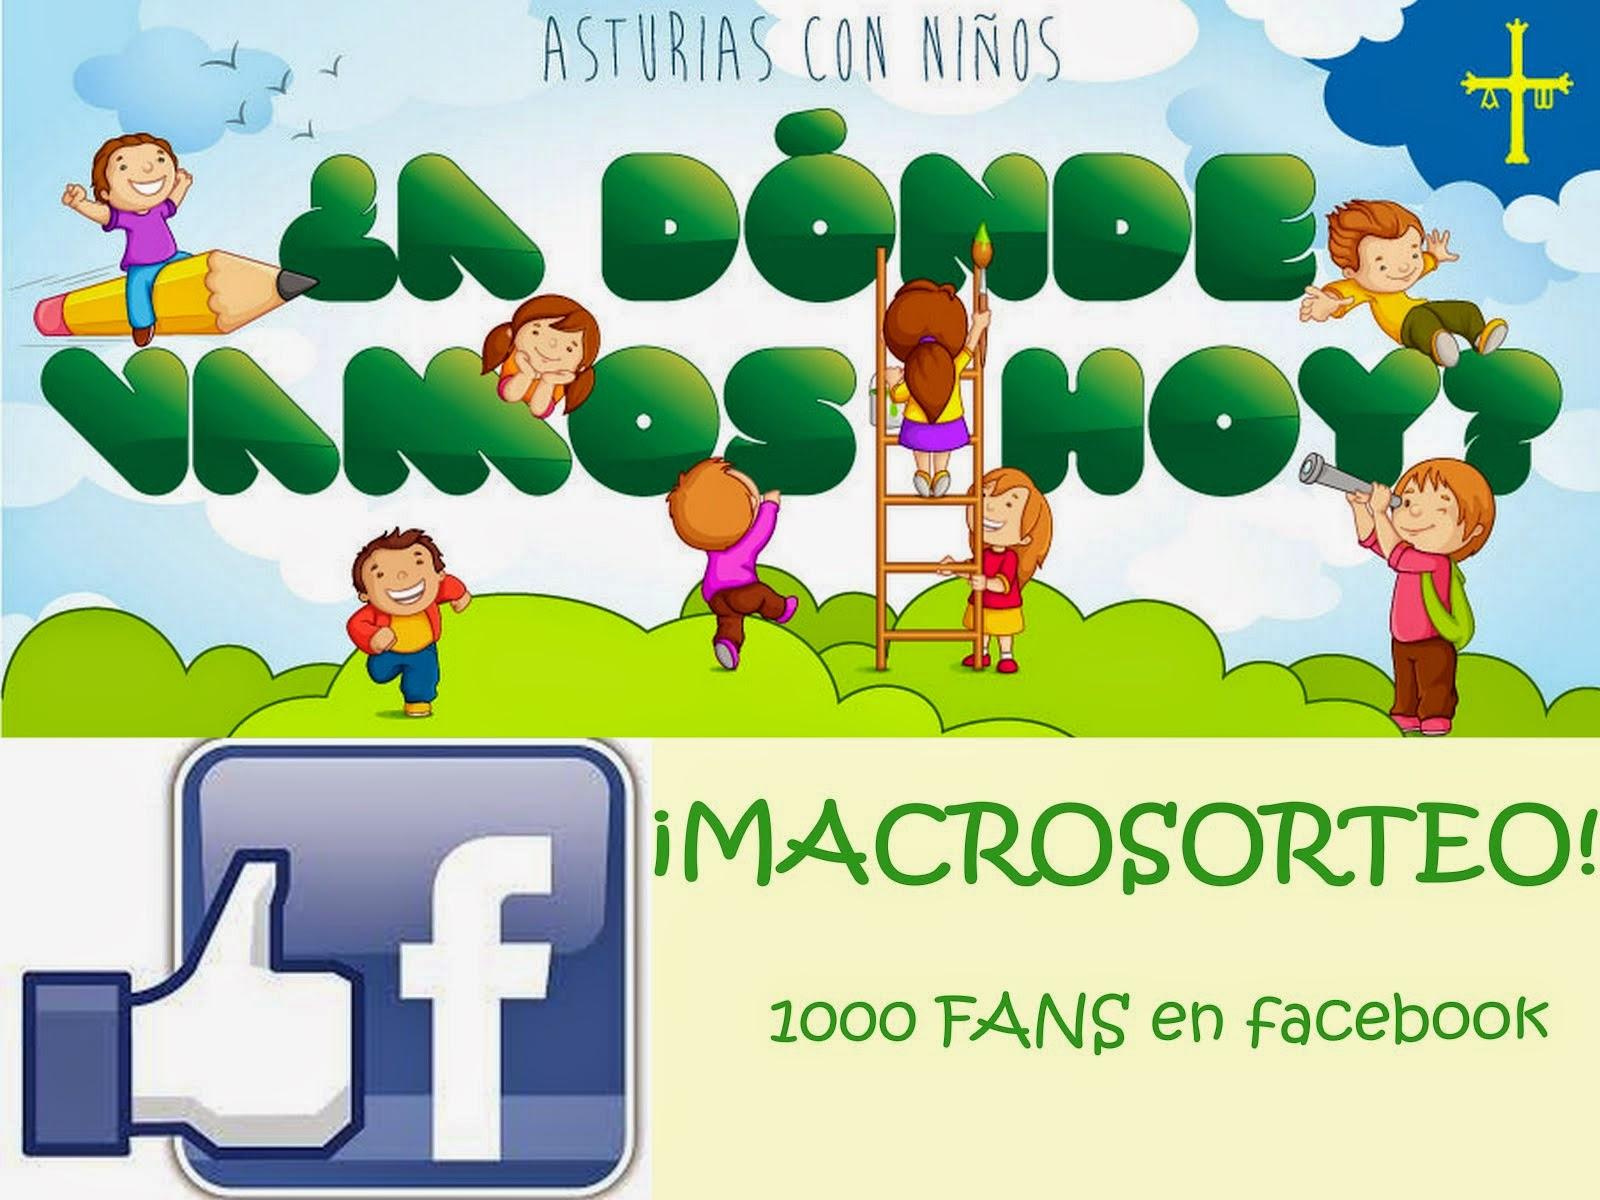 Sorteo 1000 fans en Facebook